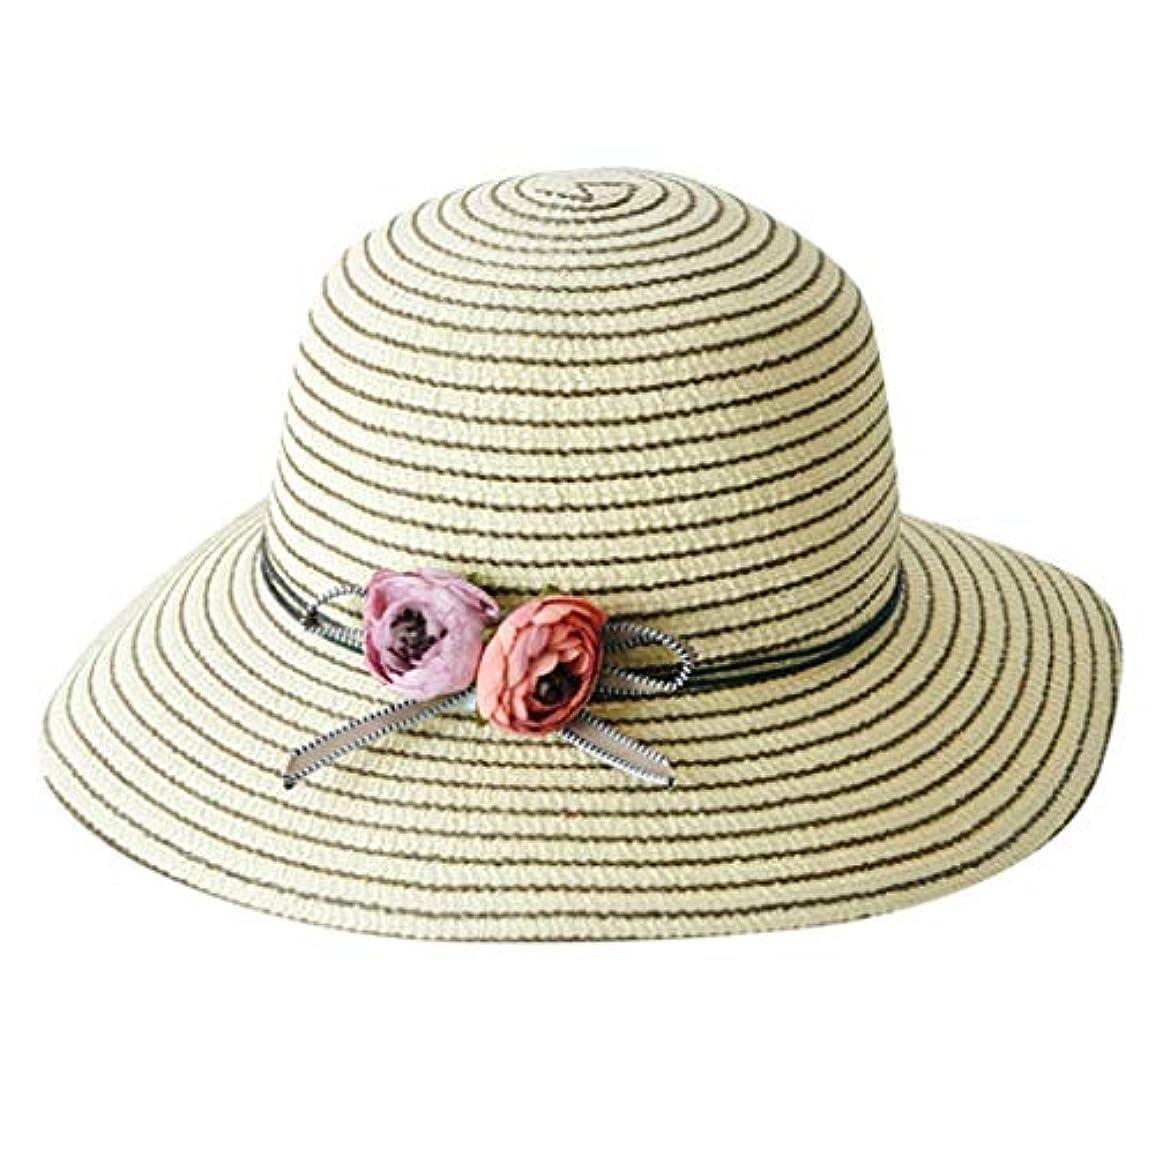 海洋の旅道徳の帽子 レディース 漁師帽 夏 UVカット 帽子 綿糸 ハット レディース 紫外線100%カット UV ハット 可愛い 小顔効果抜群 日よけ 折りたたみ つば広 小顔効果抜群 折りたたみ 海 旅行 ROSE ROMAN